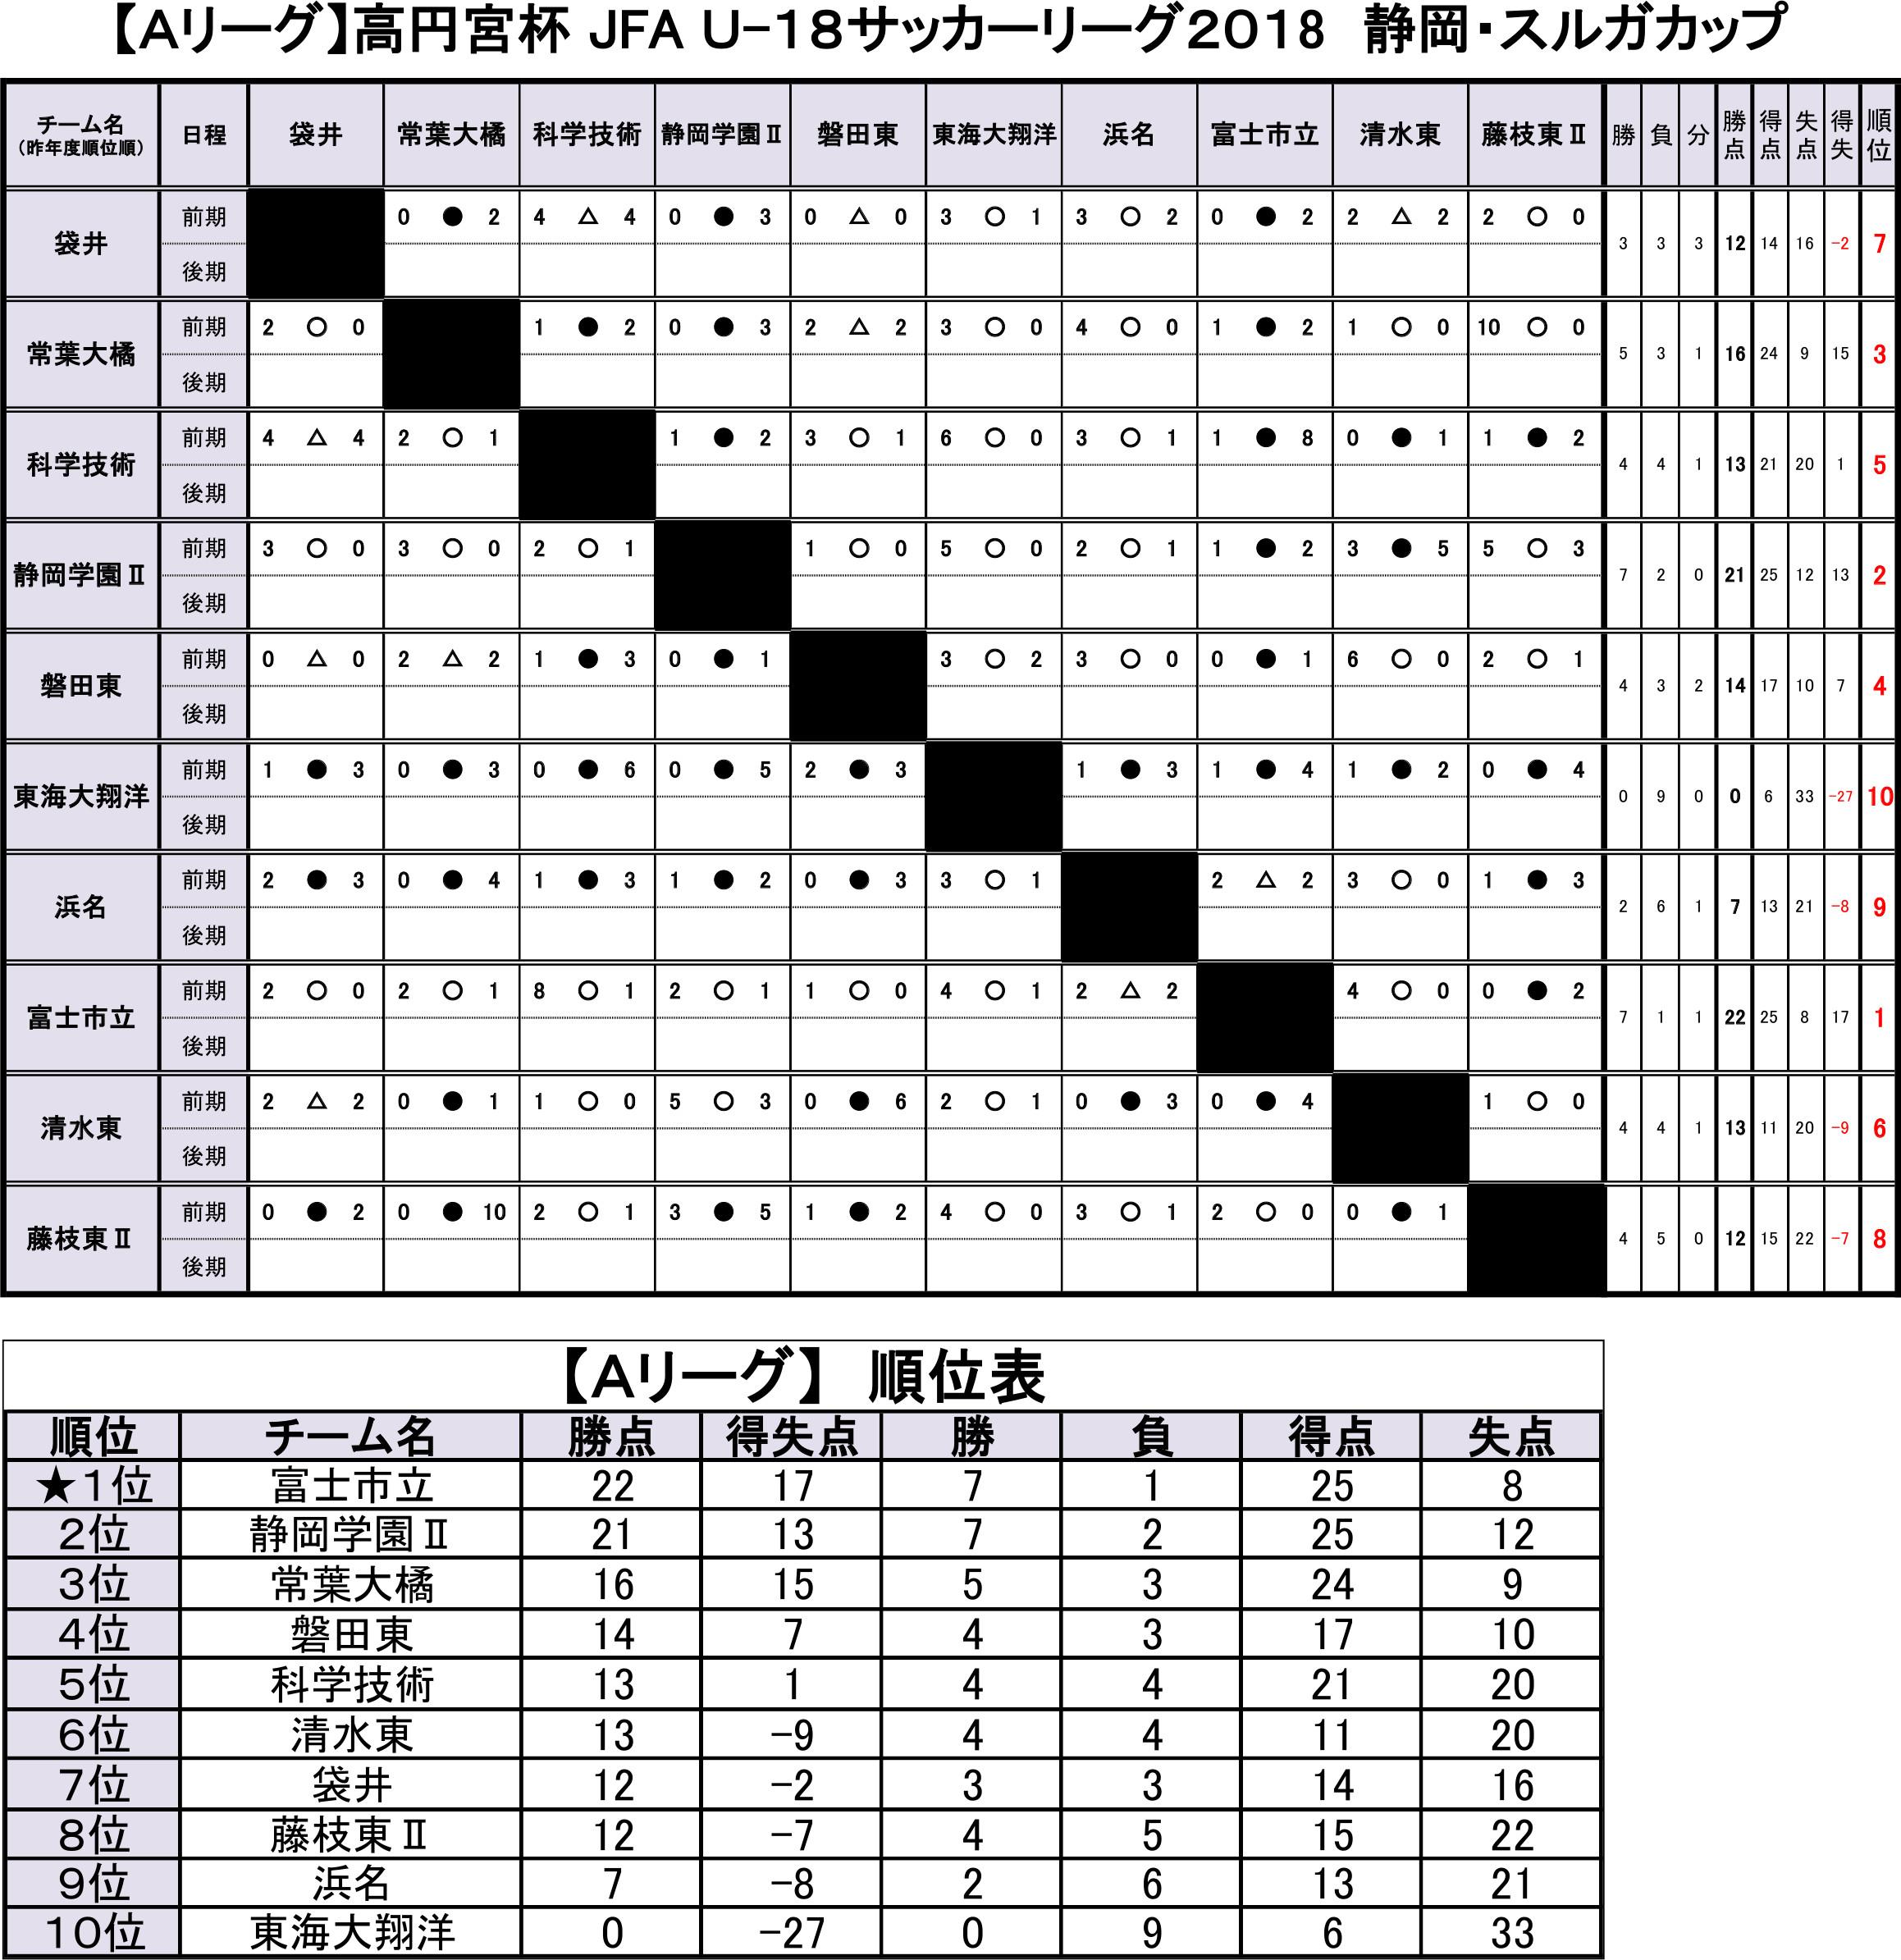 高円宮杯 JFA U-18サッカーリーグ2018静岡・スルガカップ  Aリーグ前期  トーナメント表